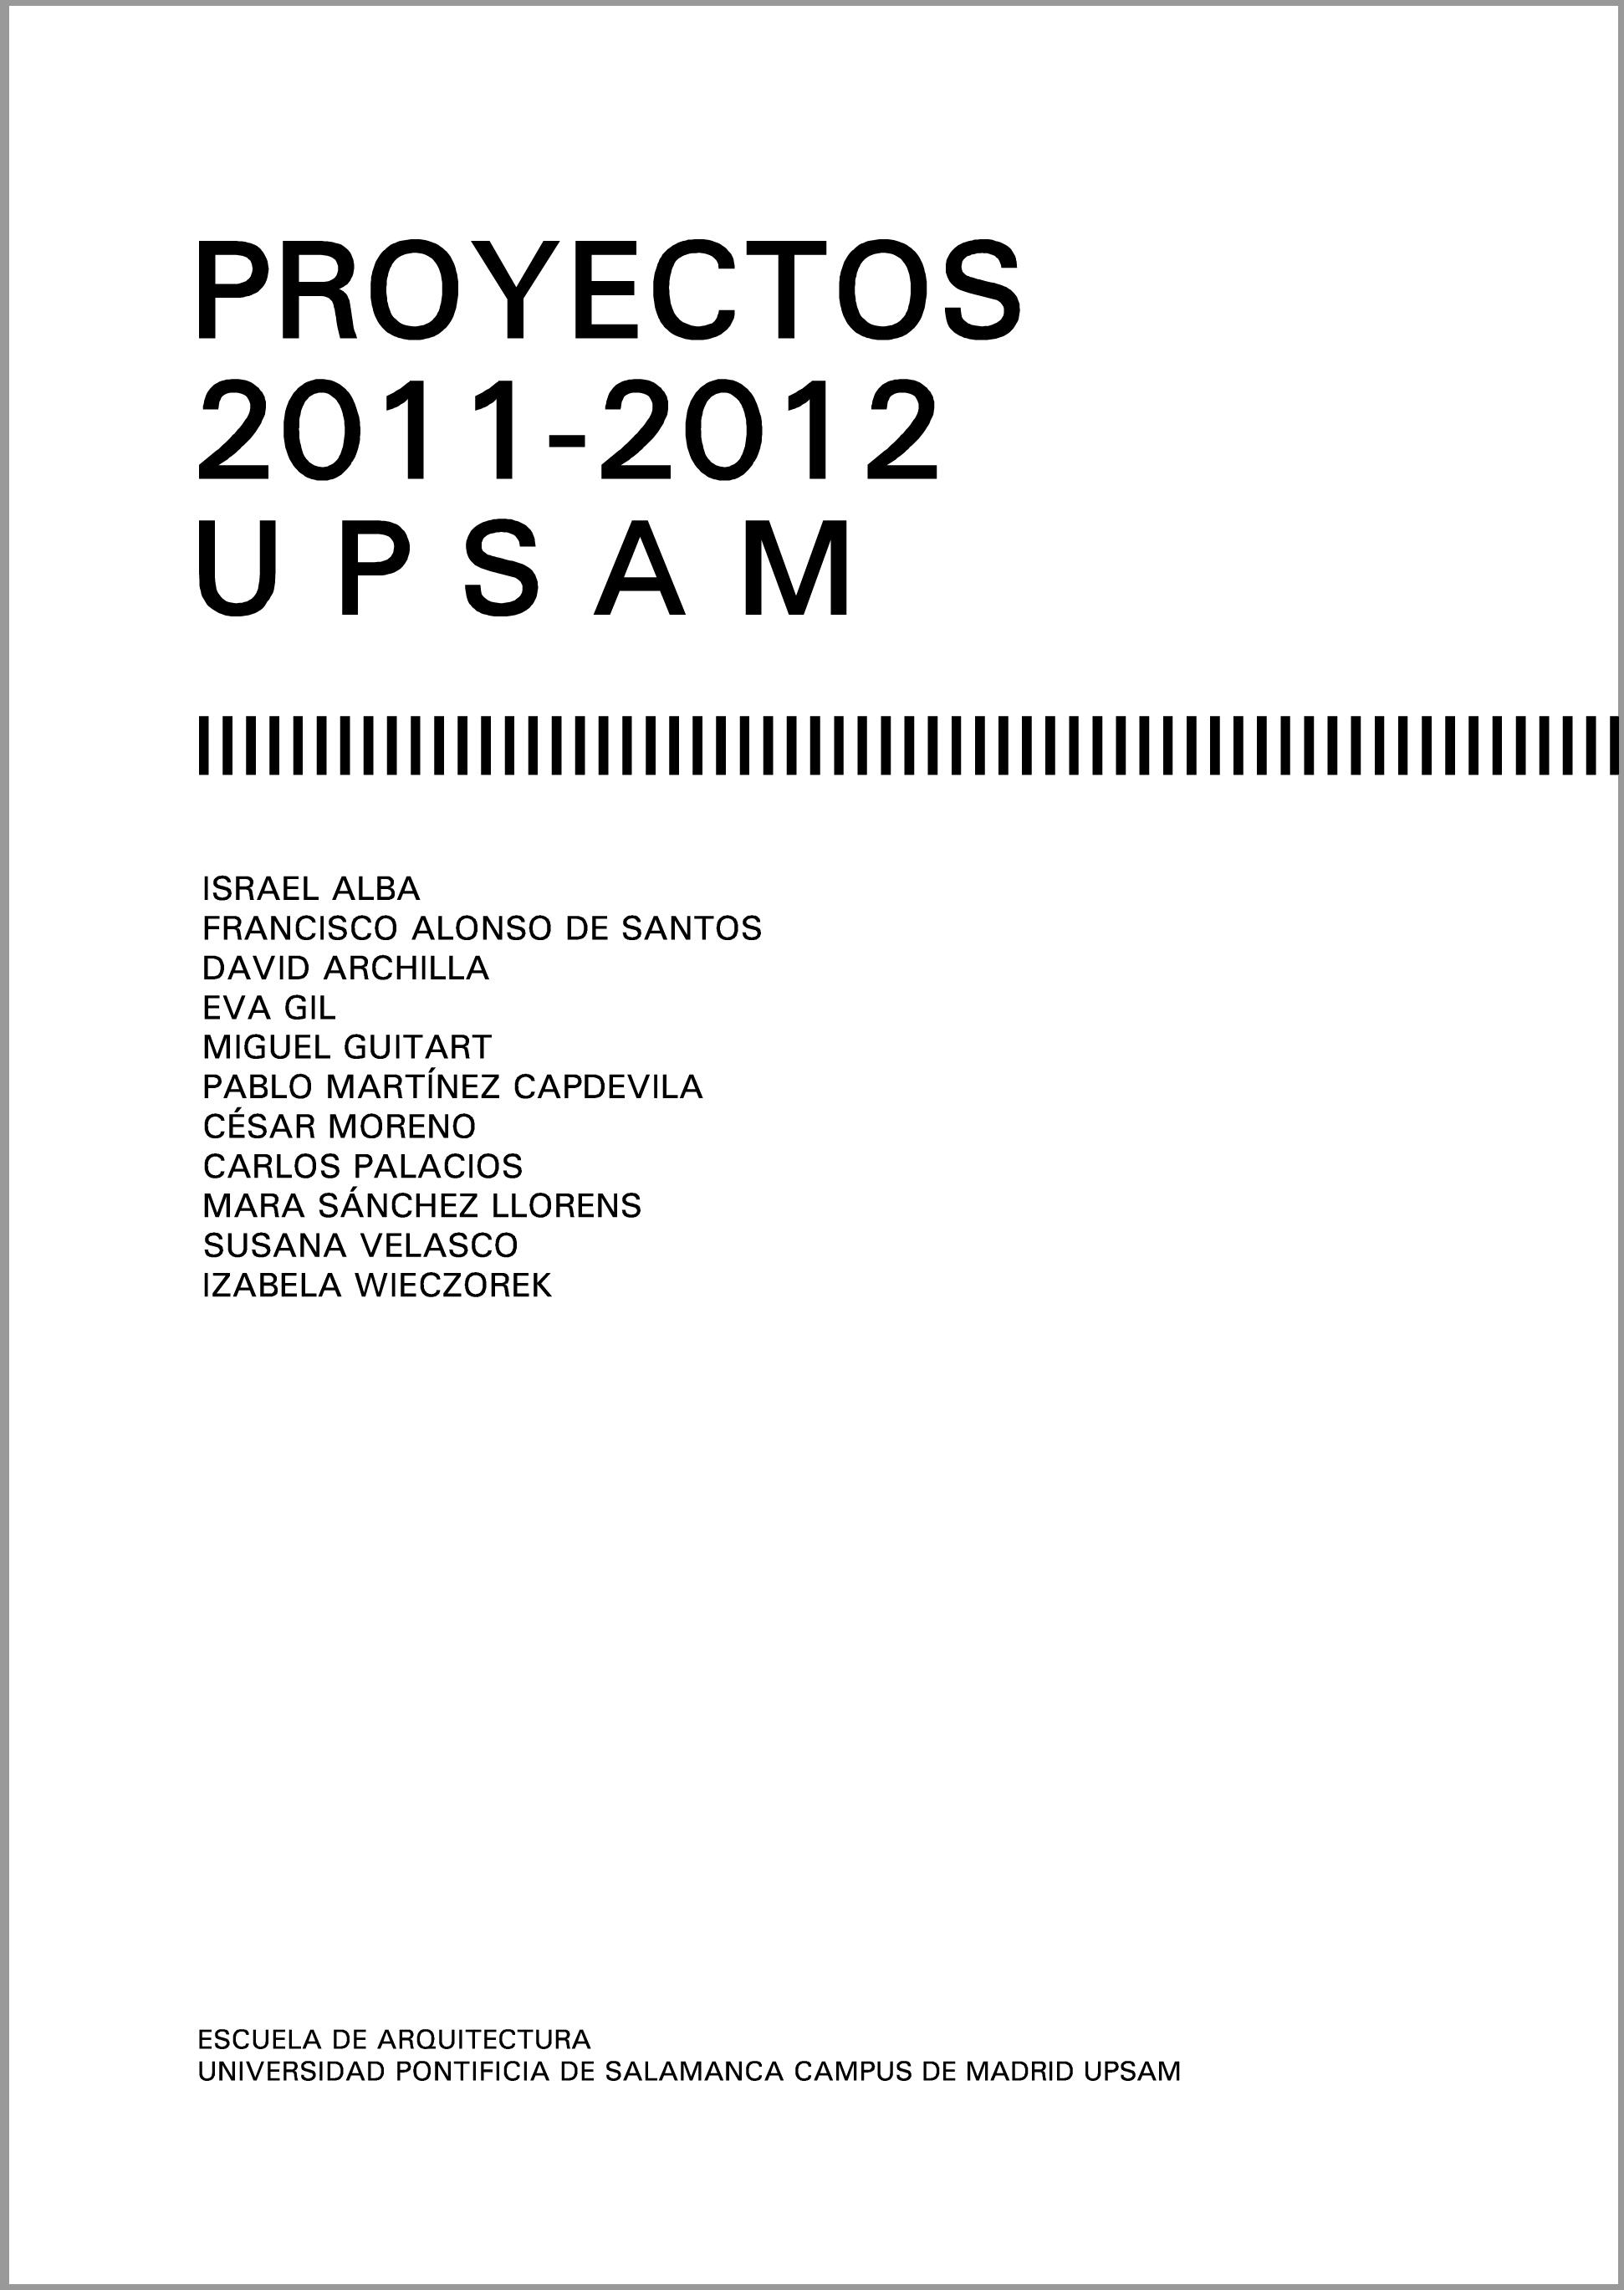 Miguel Guitart_Proyectos UPSAM 2010.jpg